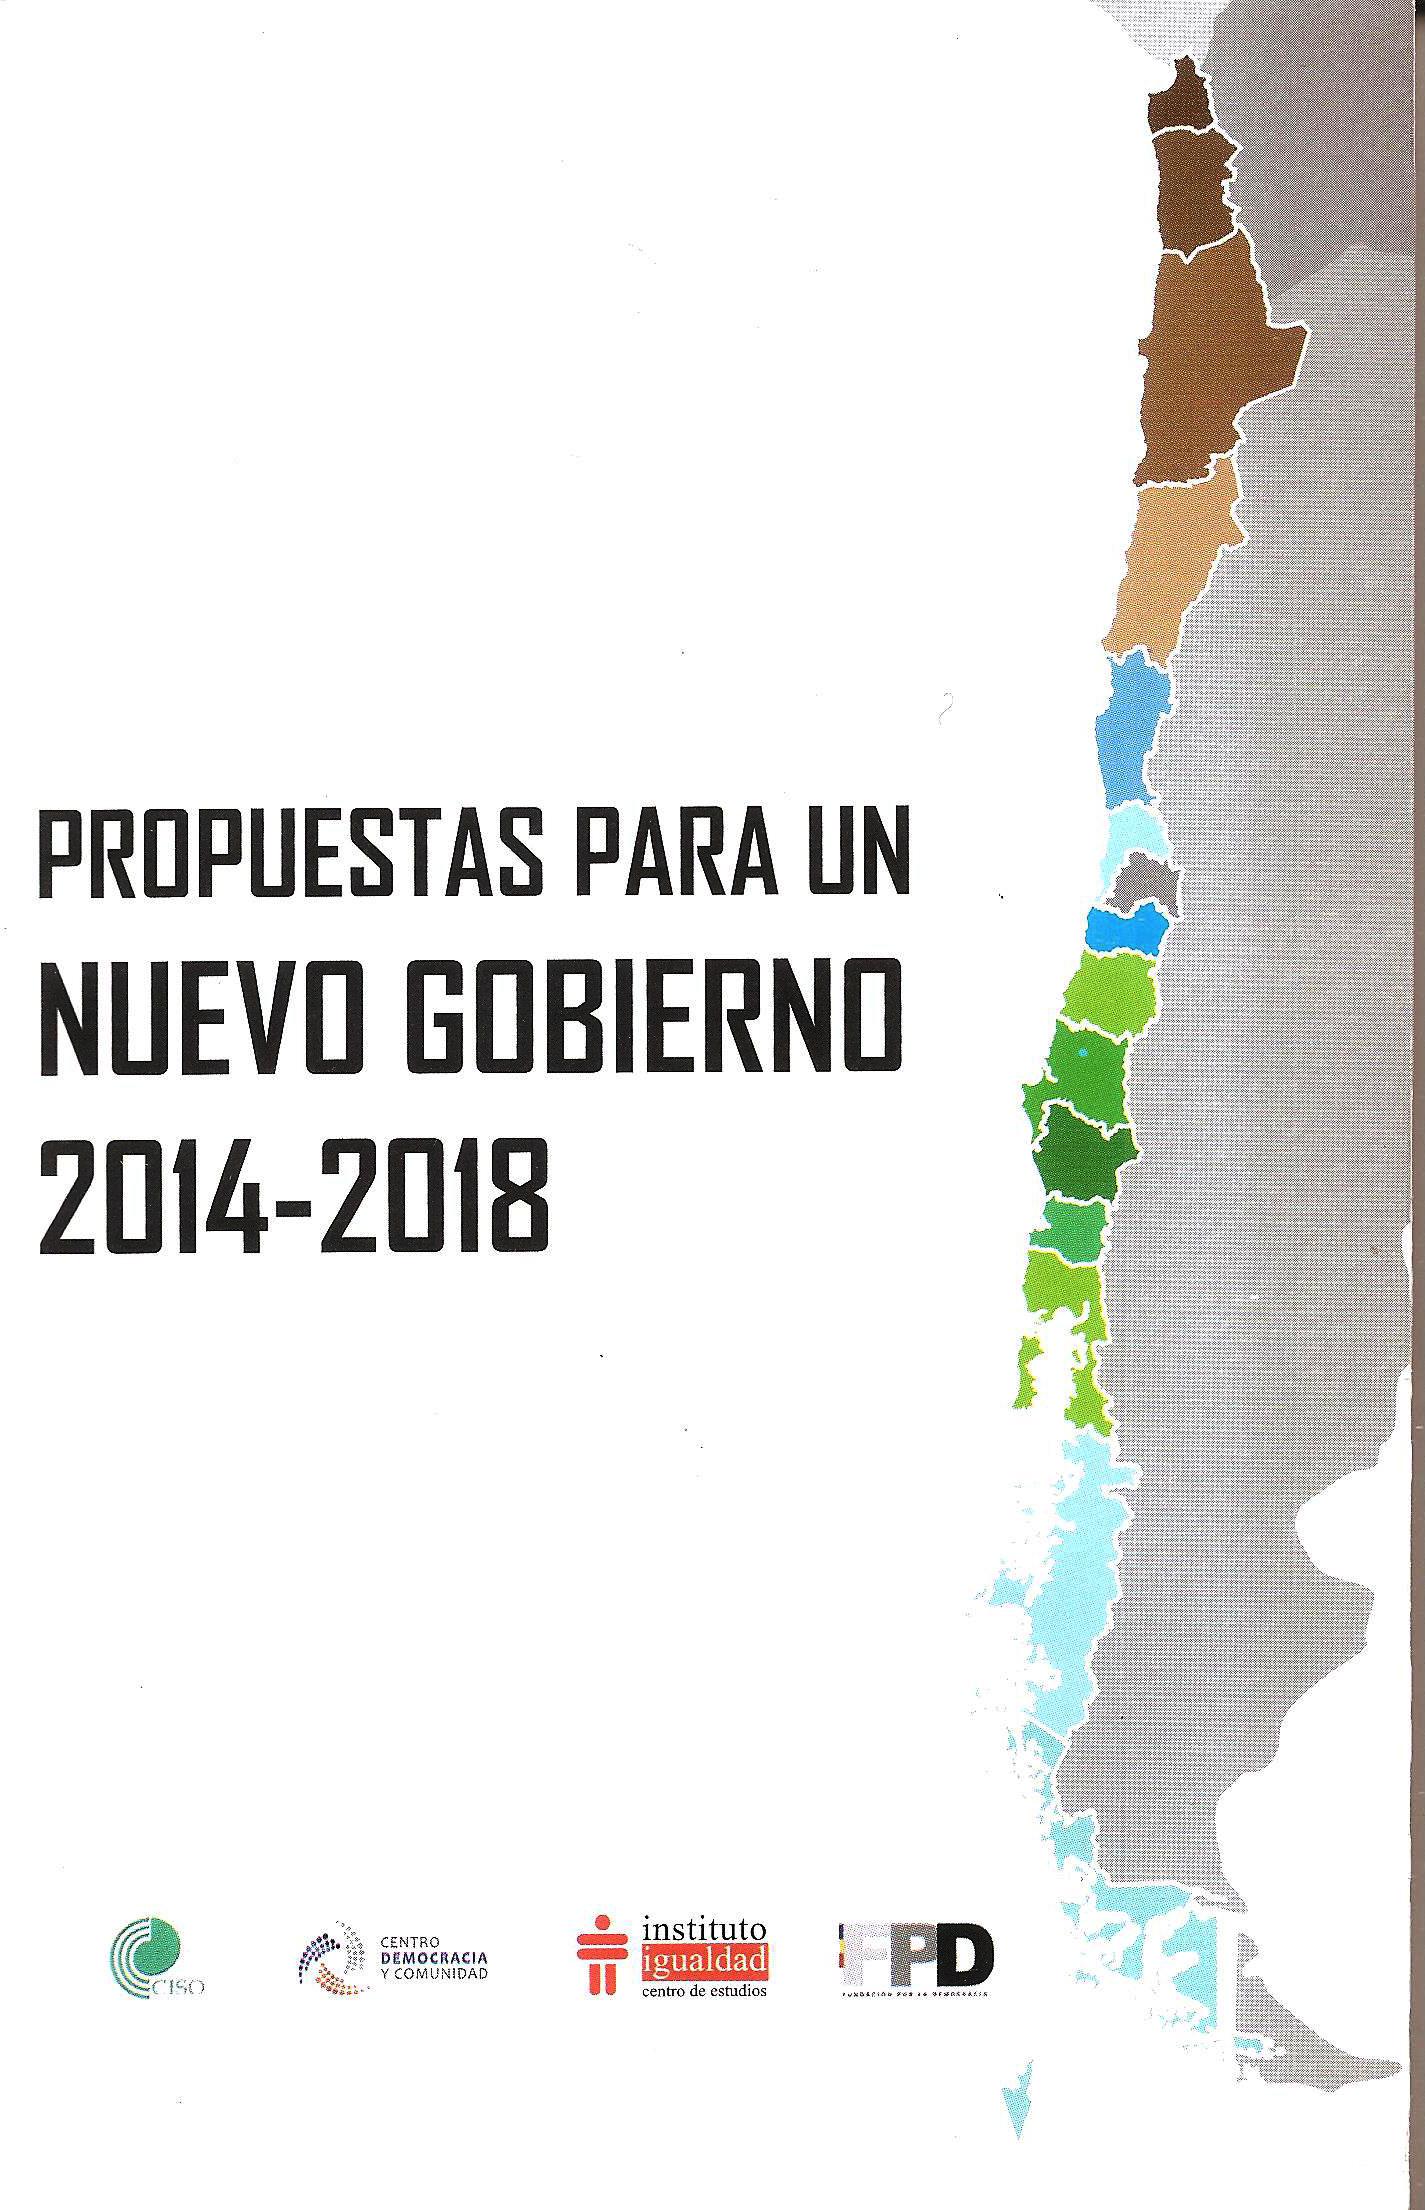 PROPUESTAS PARA UN NUEVO GOBIERNO 2014 2018